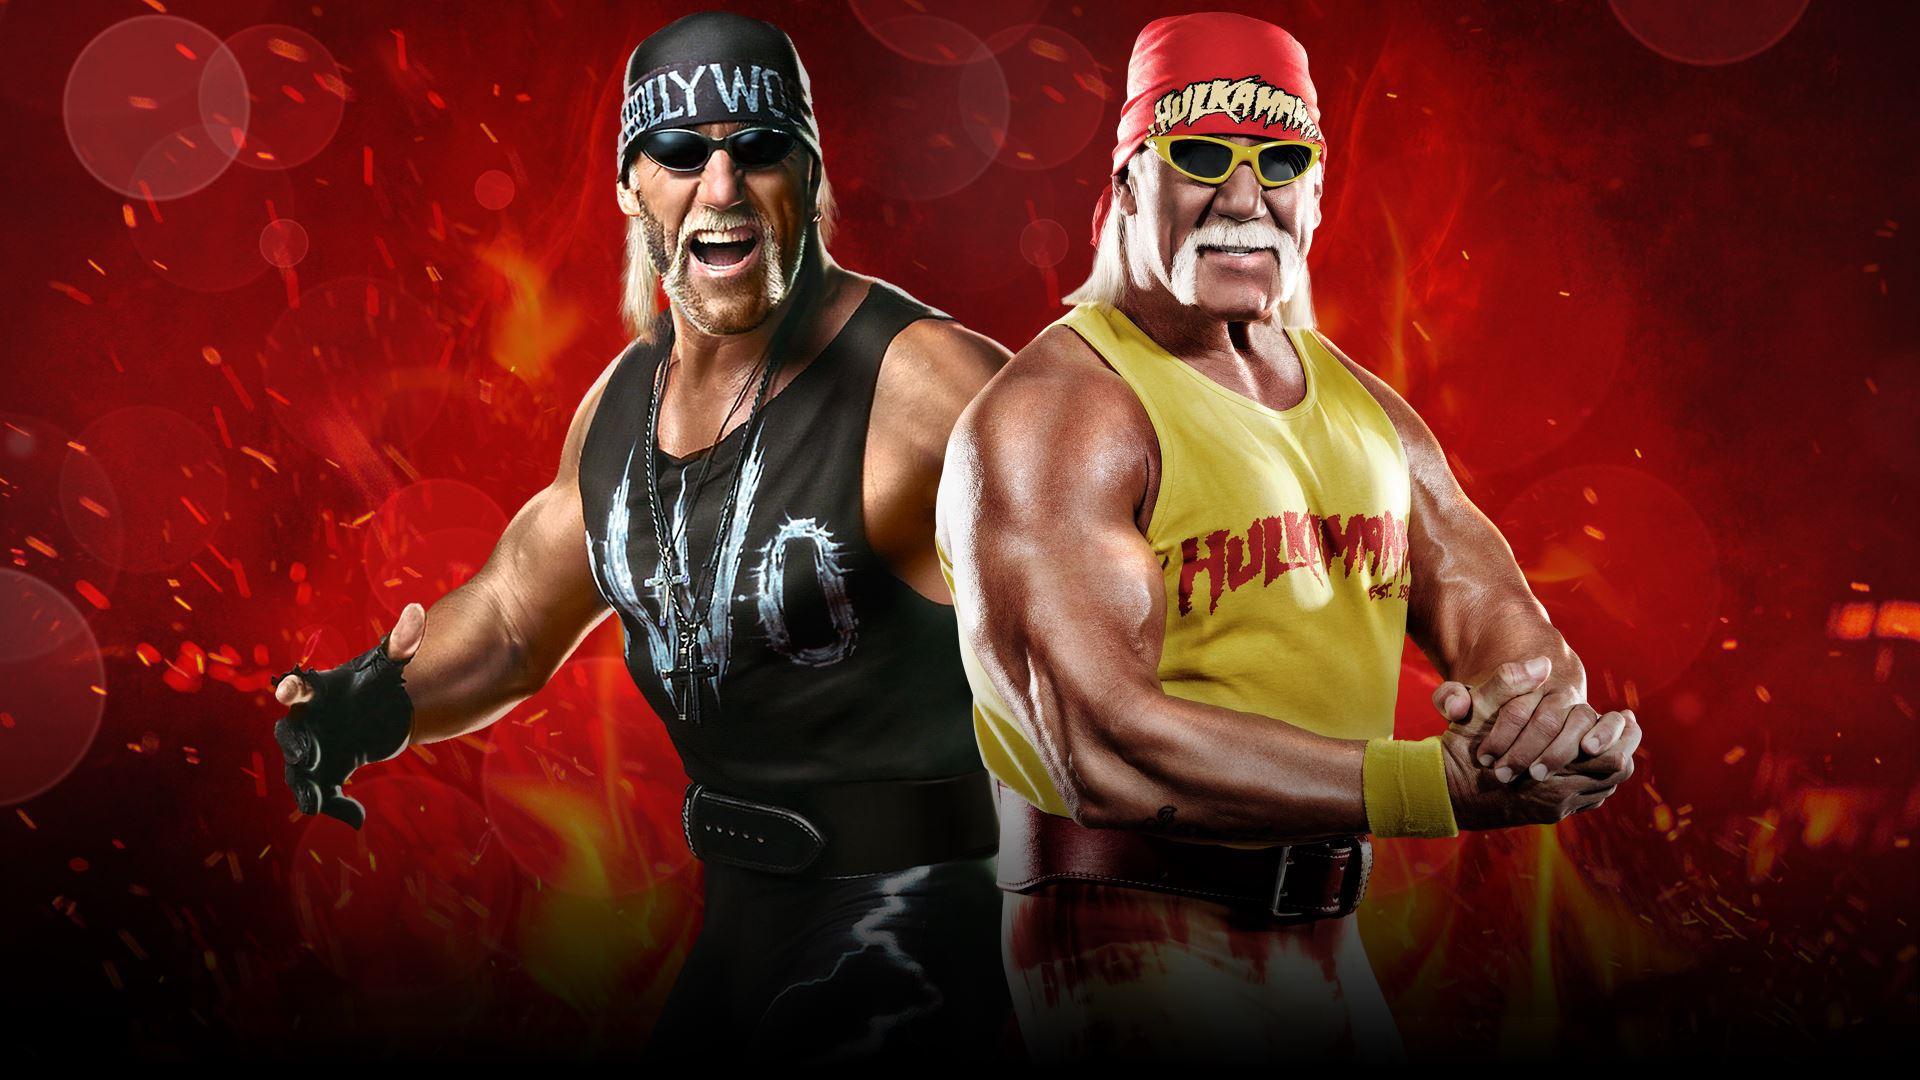 Hulk Hogan Full Hd